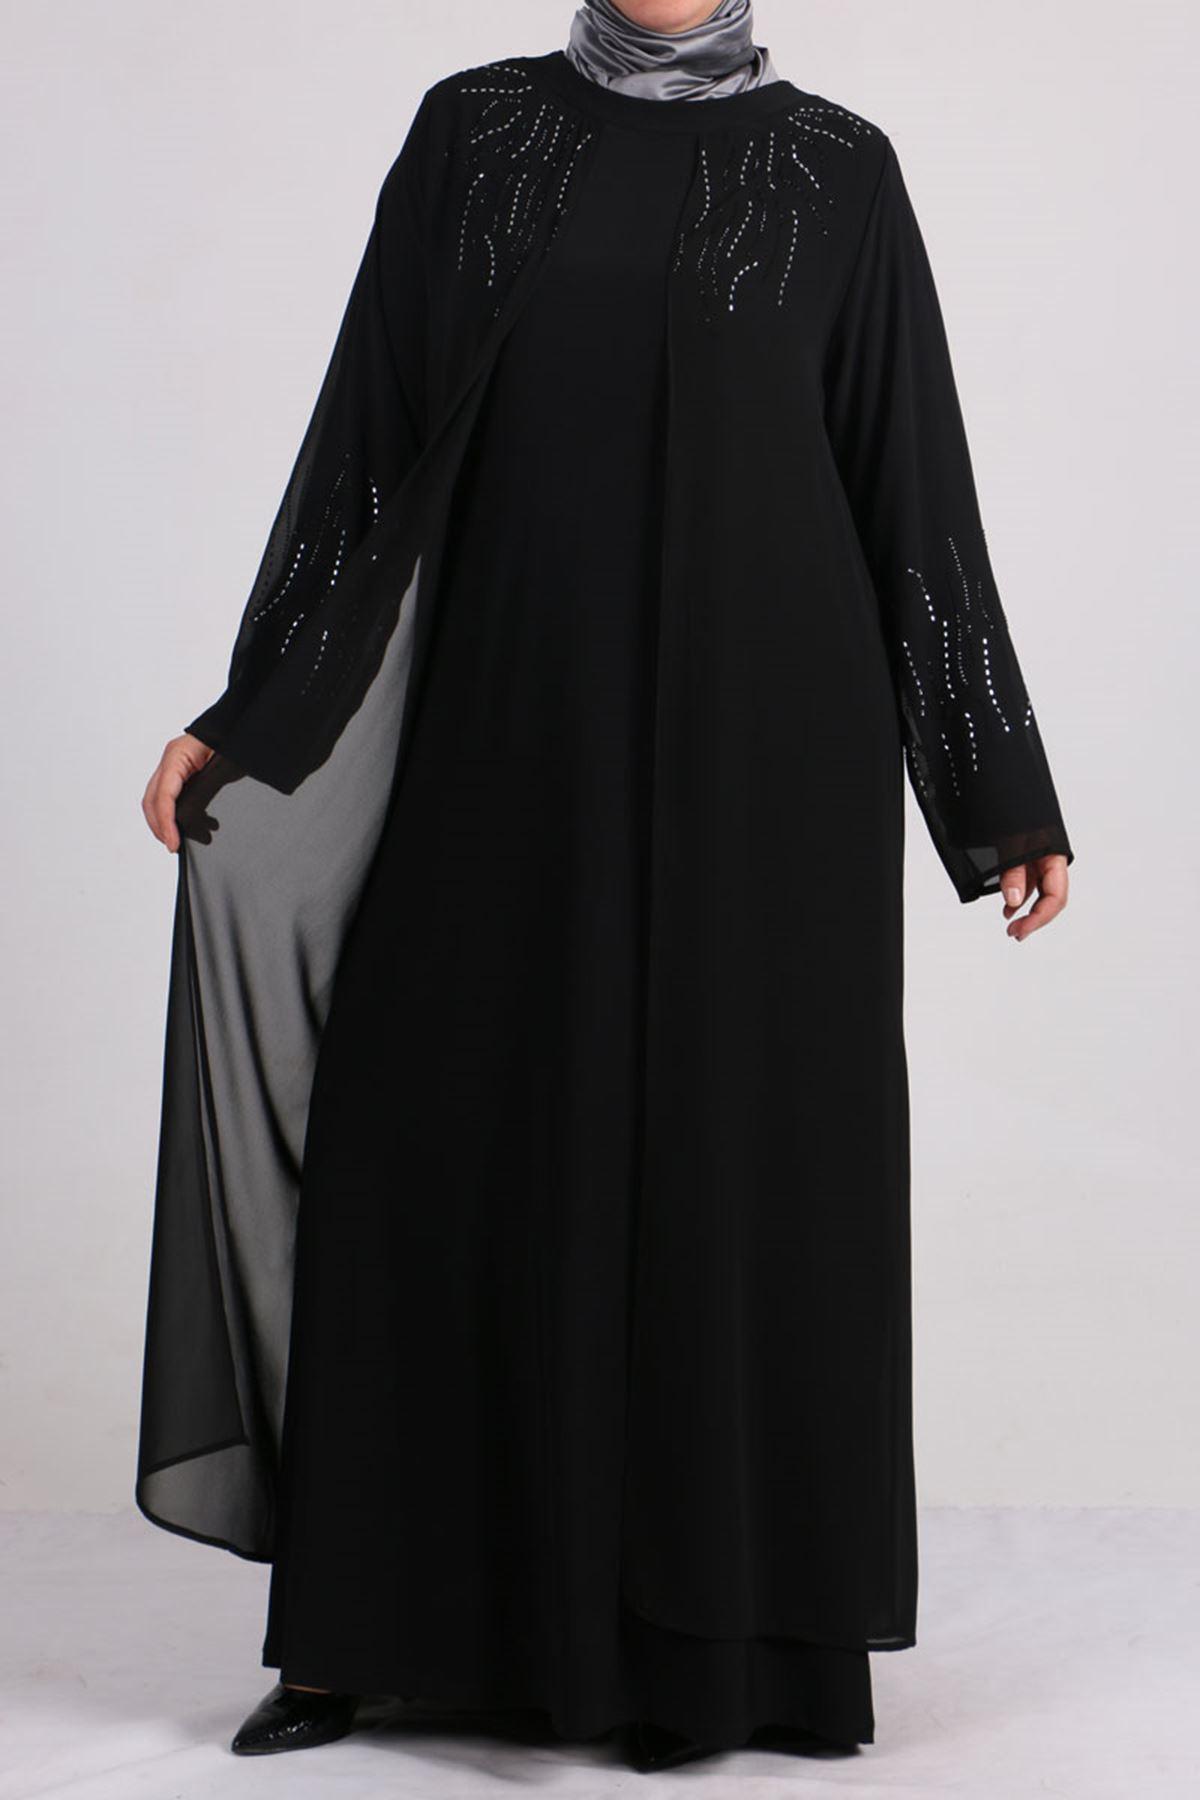 D-2086-1 Büyük Beden Defolu  Sandy-Şifon Taş Baskılı Abiye Elbise - Siyah